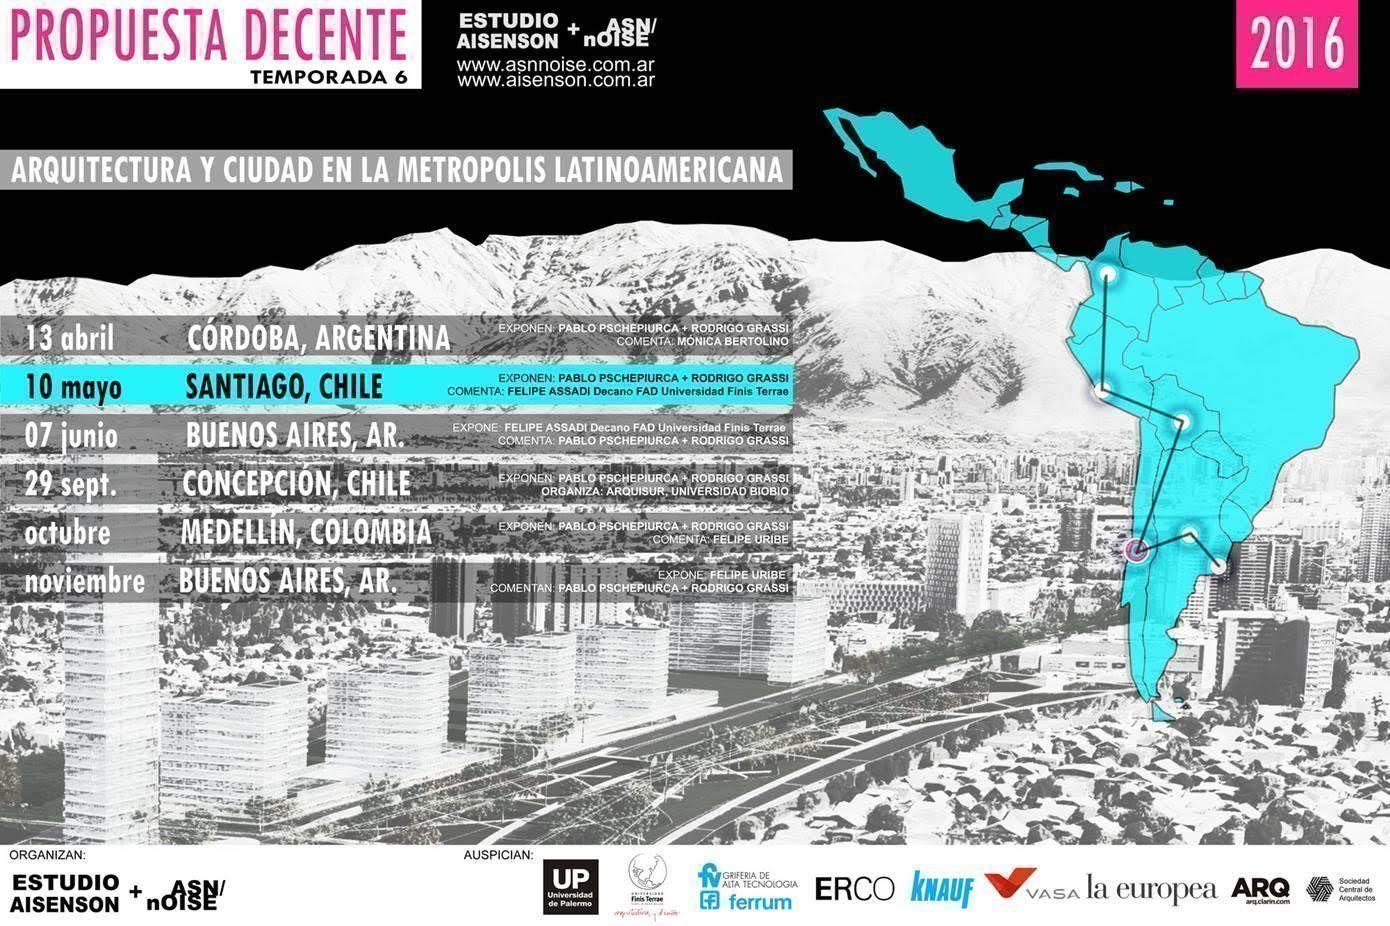 Propuesta decente en Chile, Mayo 2016